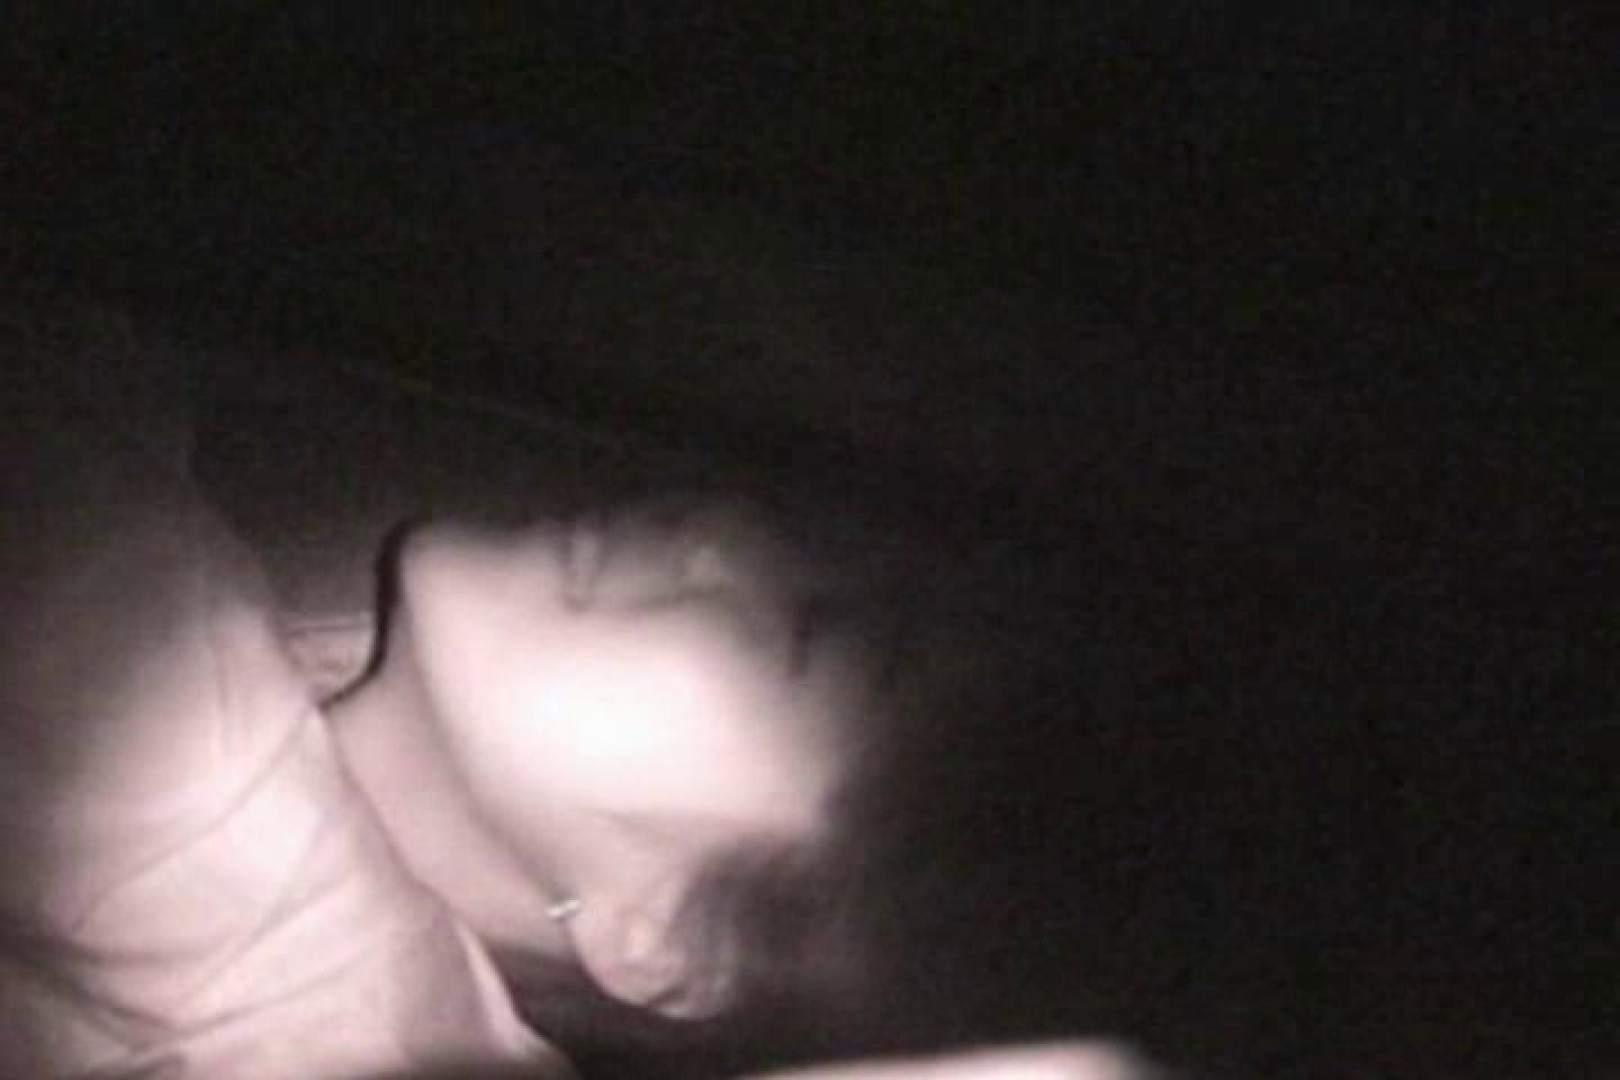 蔵出し!!赤外線カーセックスVol.22 赤外線 盗撮オマンコ無修正動画無料 83PICs 34